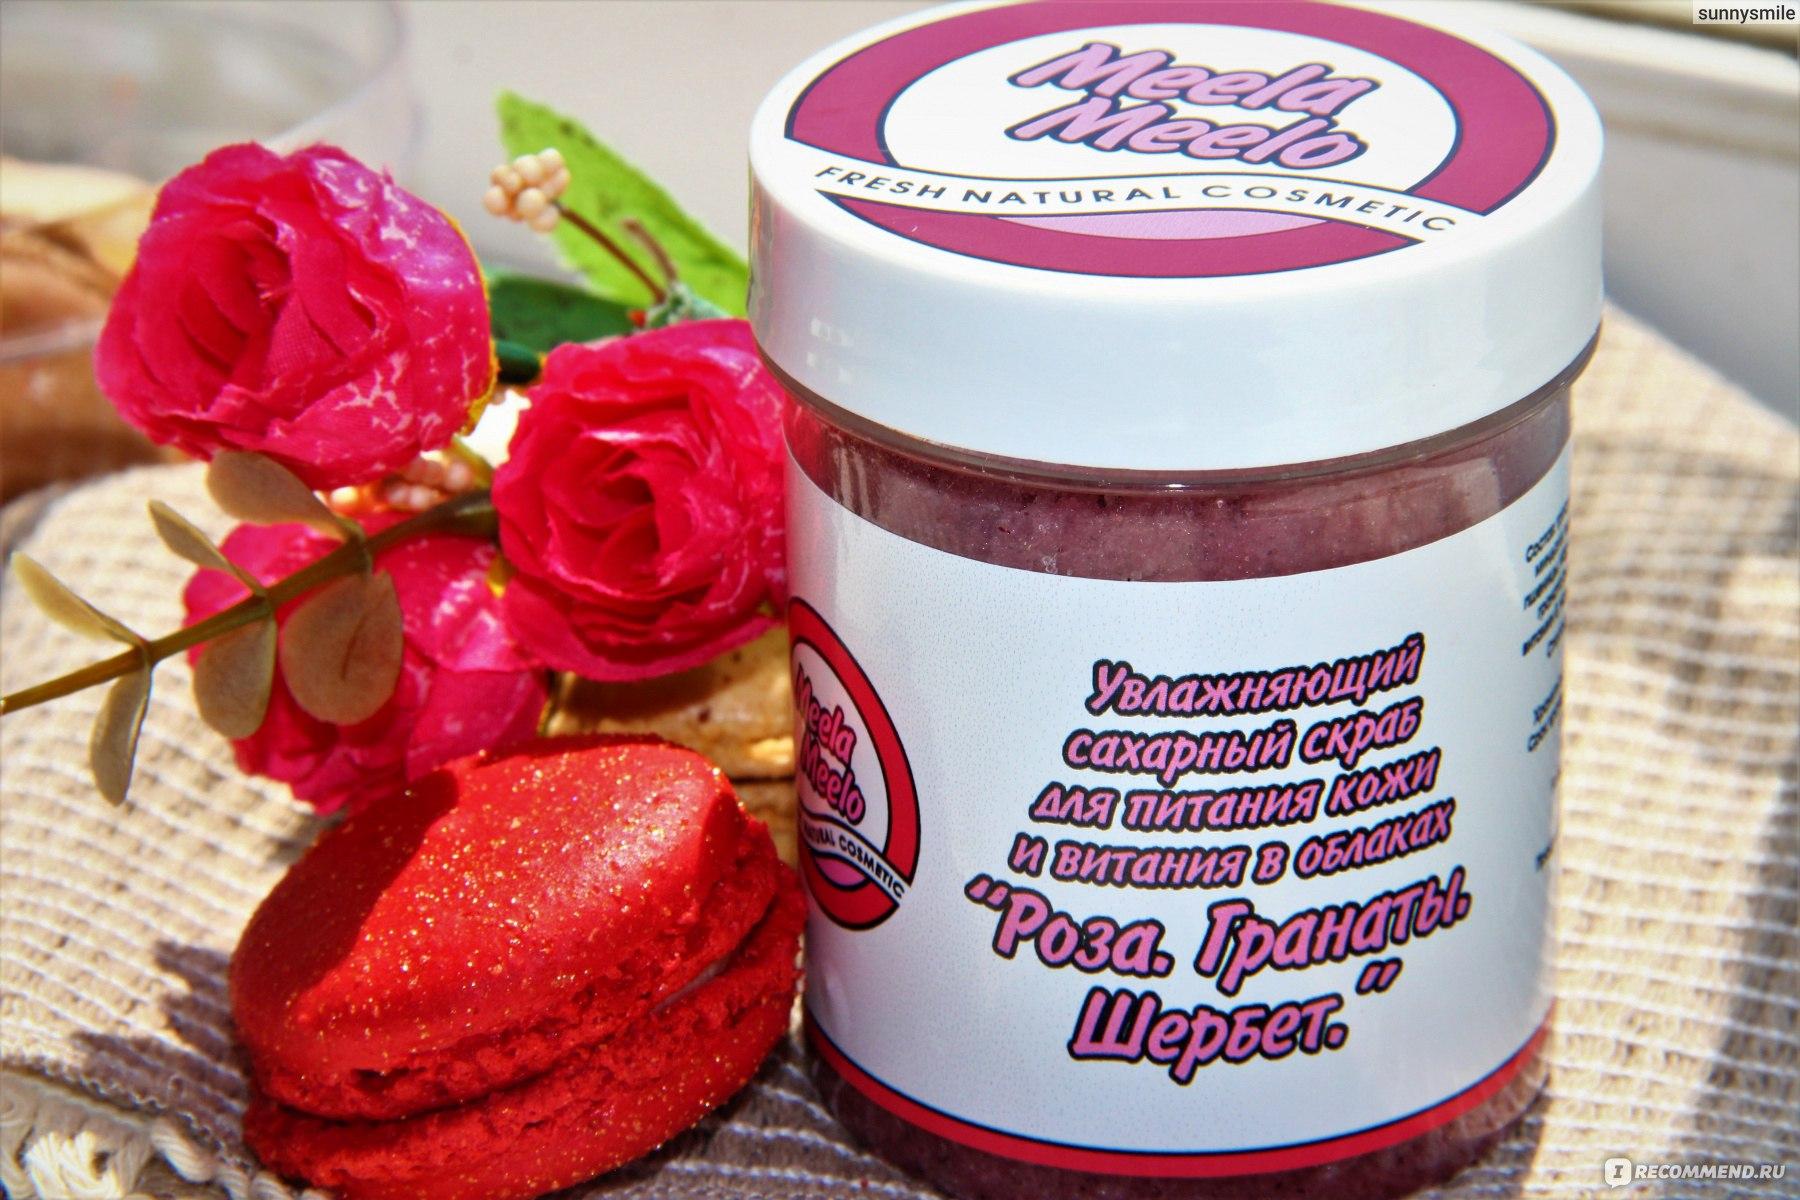 Купить косметику meela meelo в екатеринбурге косметика филорга в москве купить